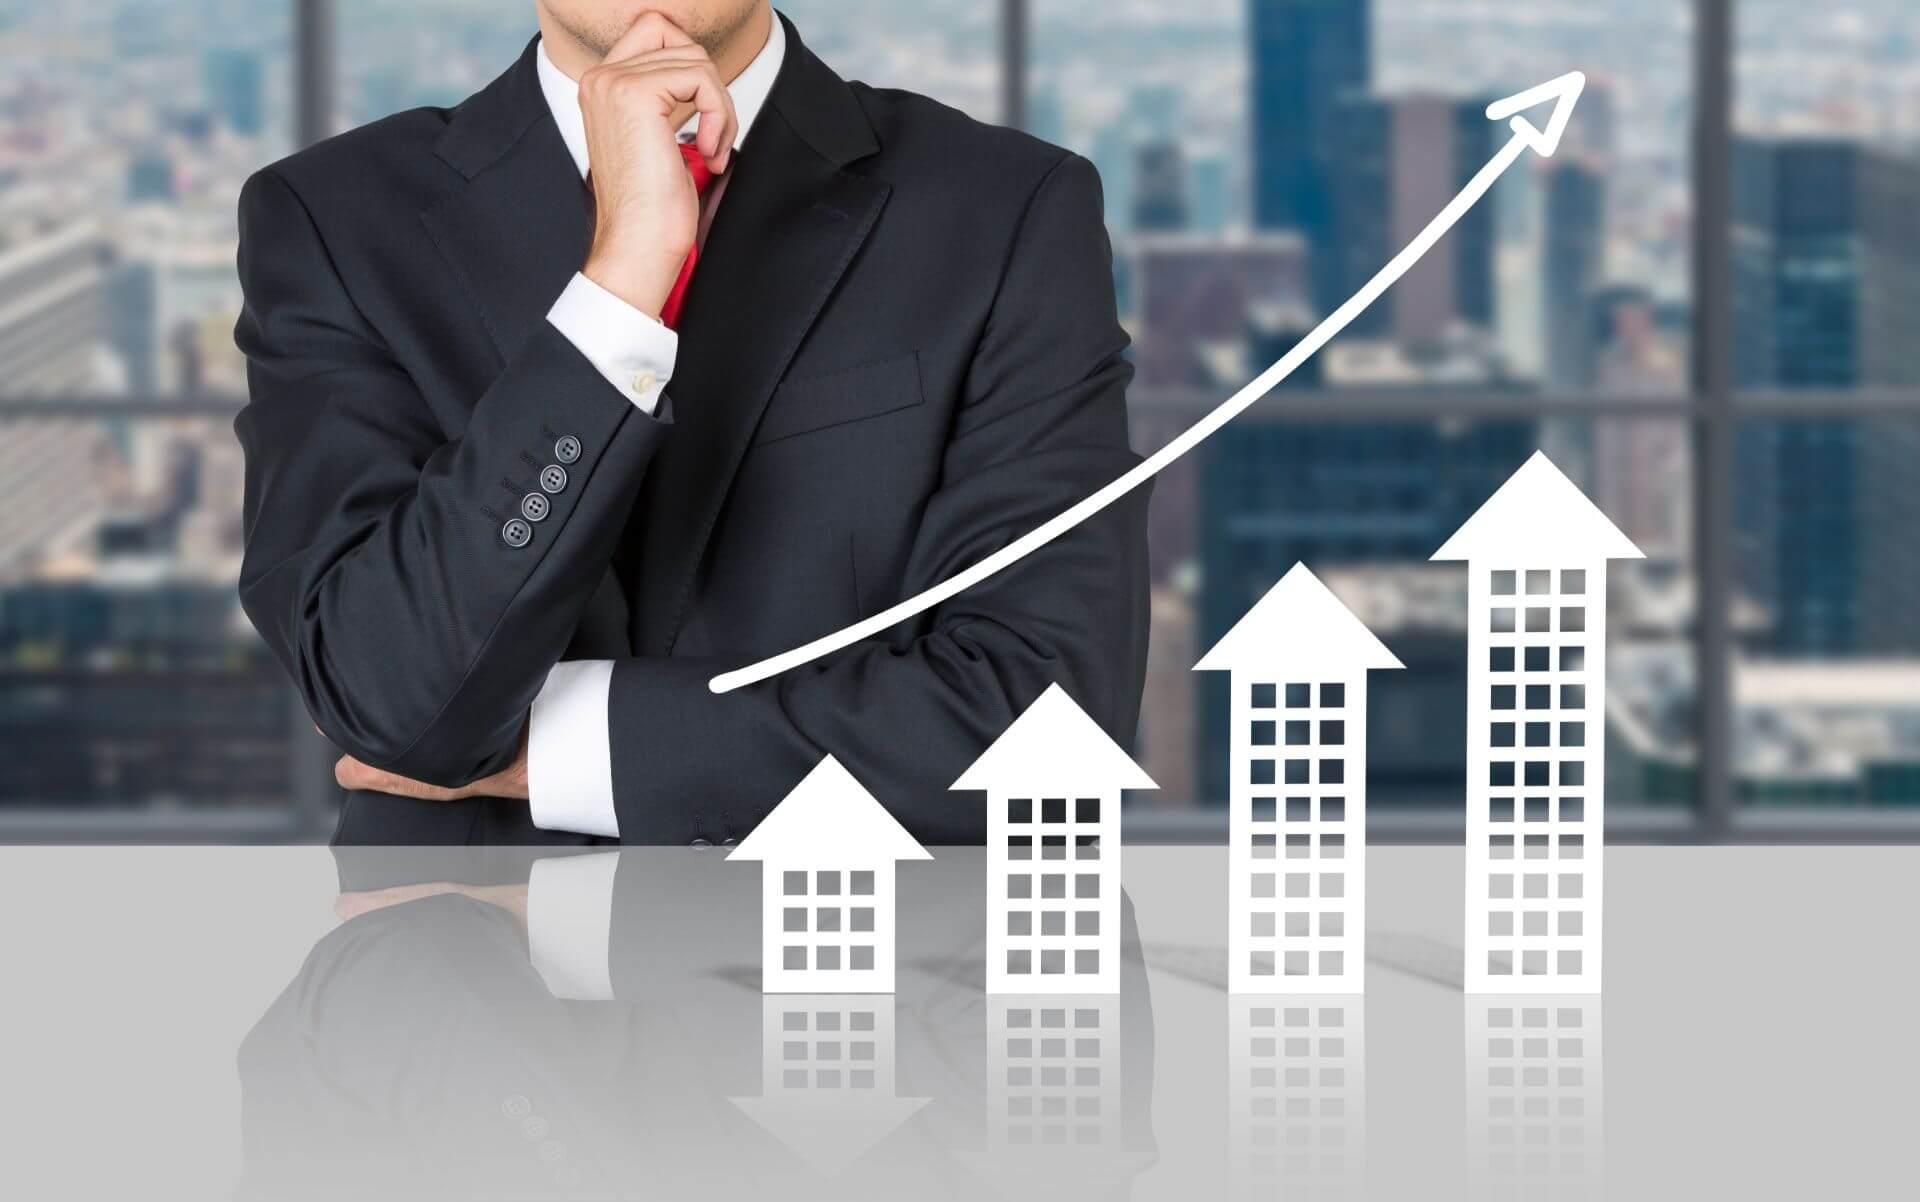 Inwestycje wNieruchomości, Business Development, Wealth Management